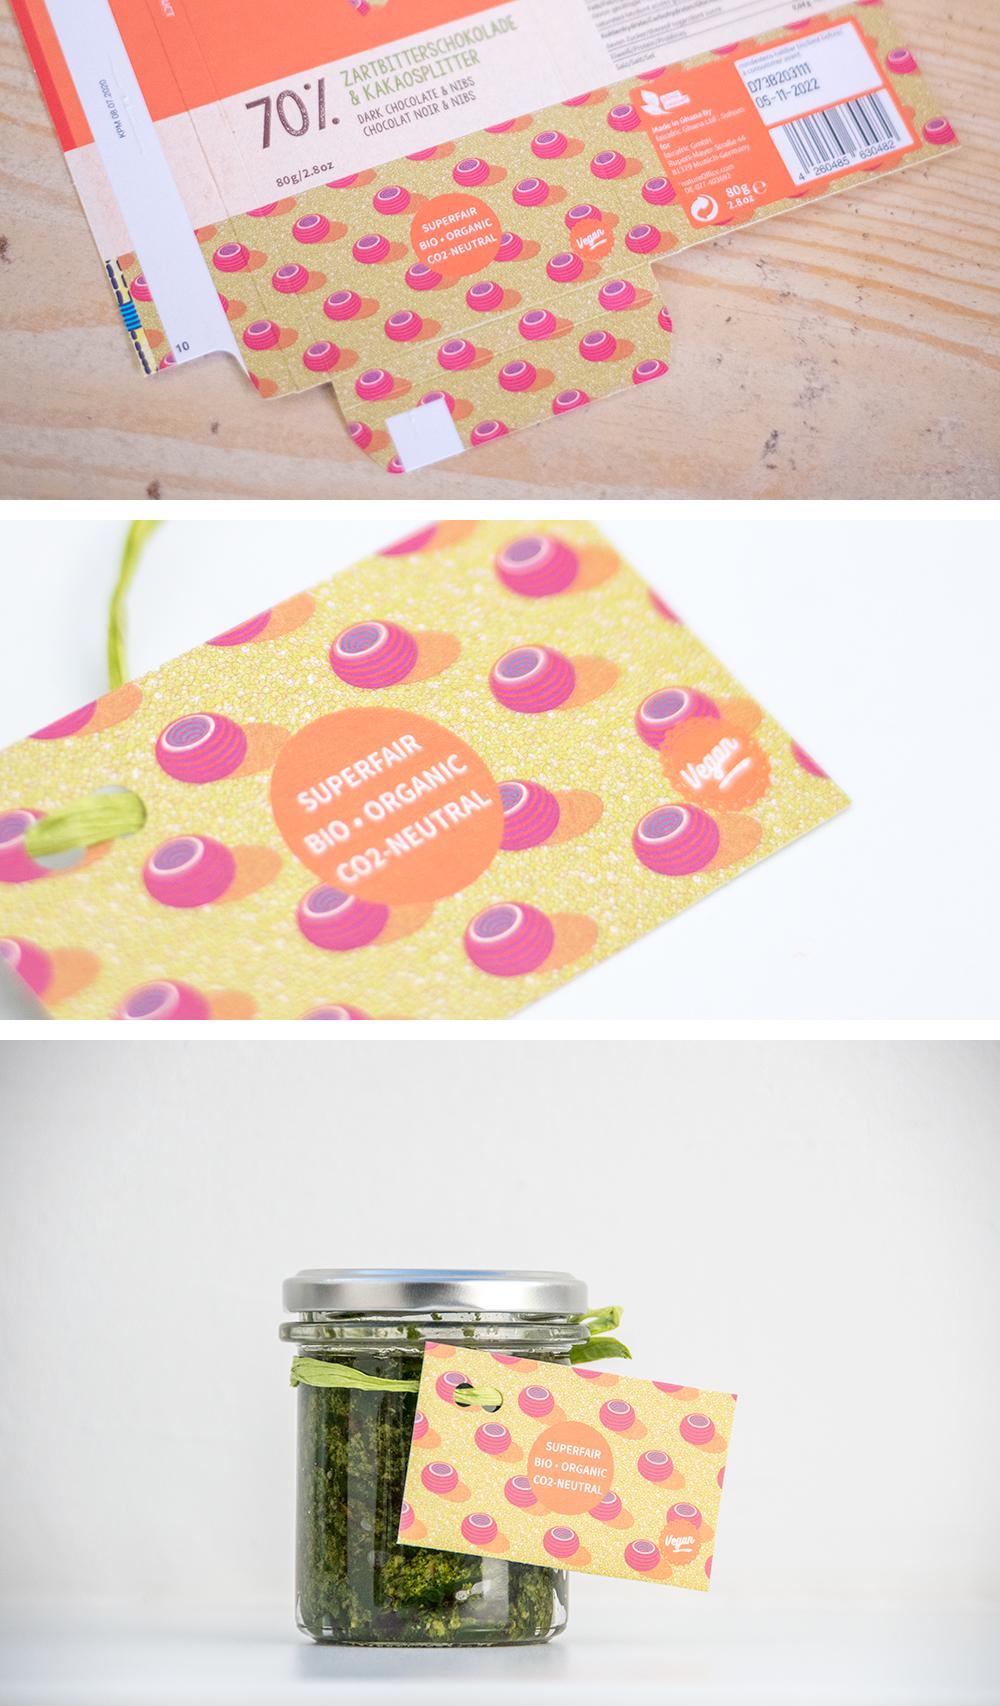 Geschenkkarte aus Verpackungsmüll